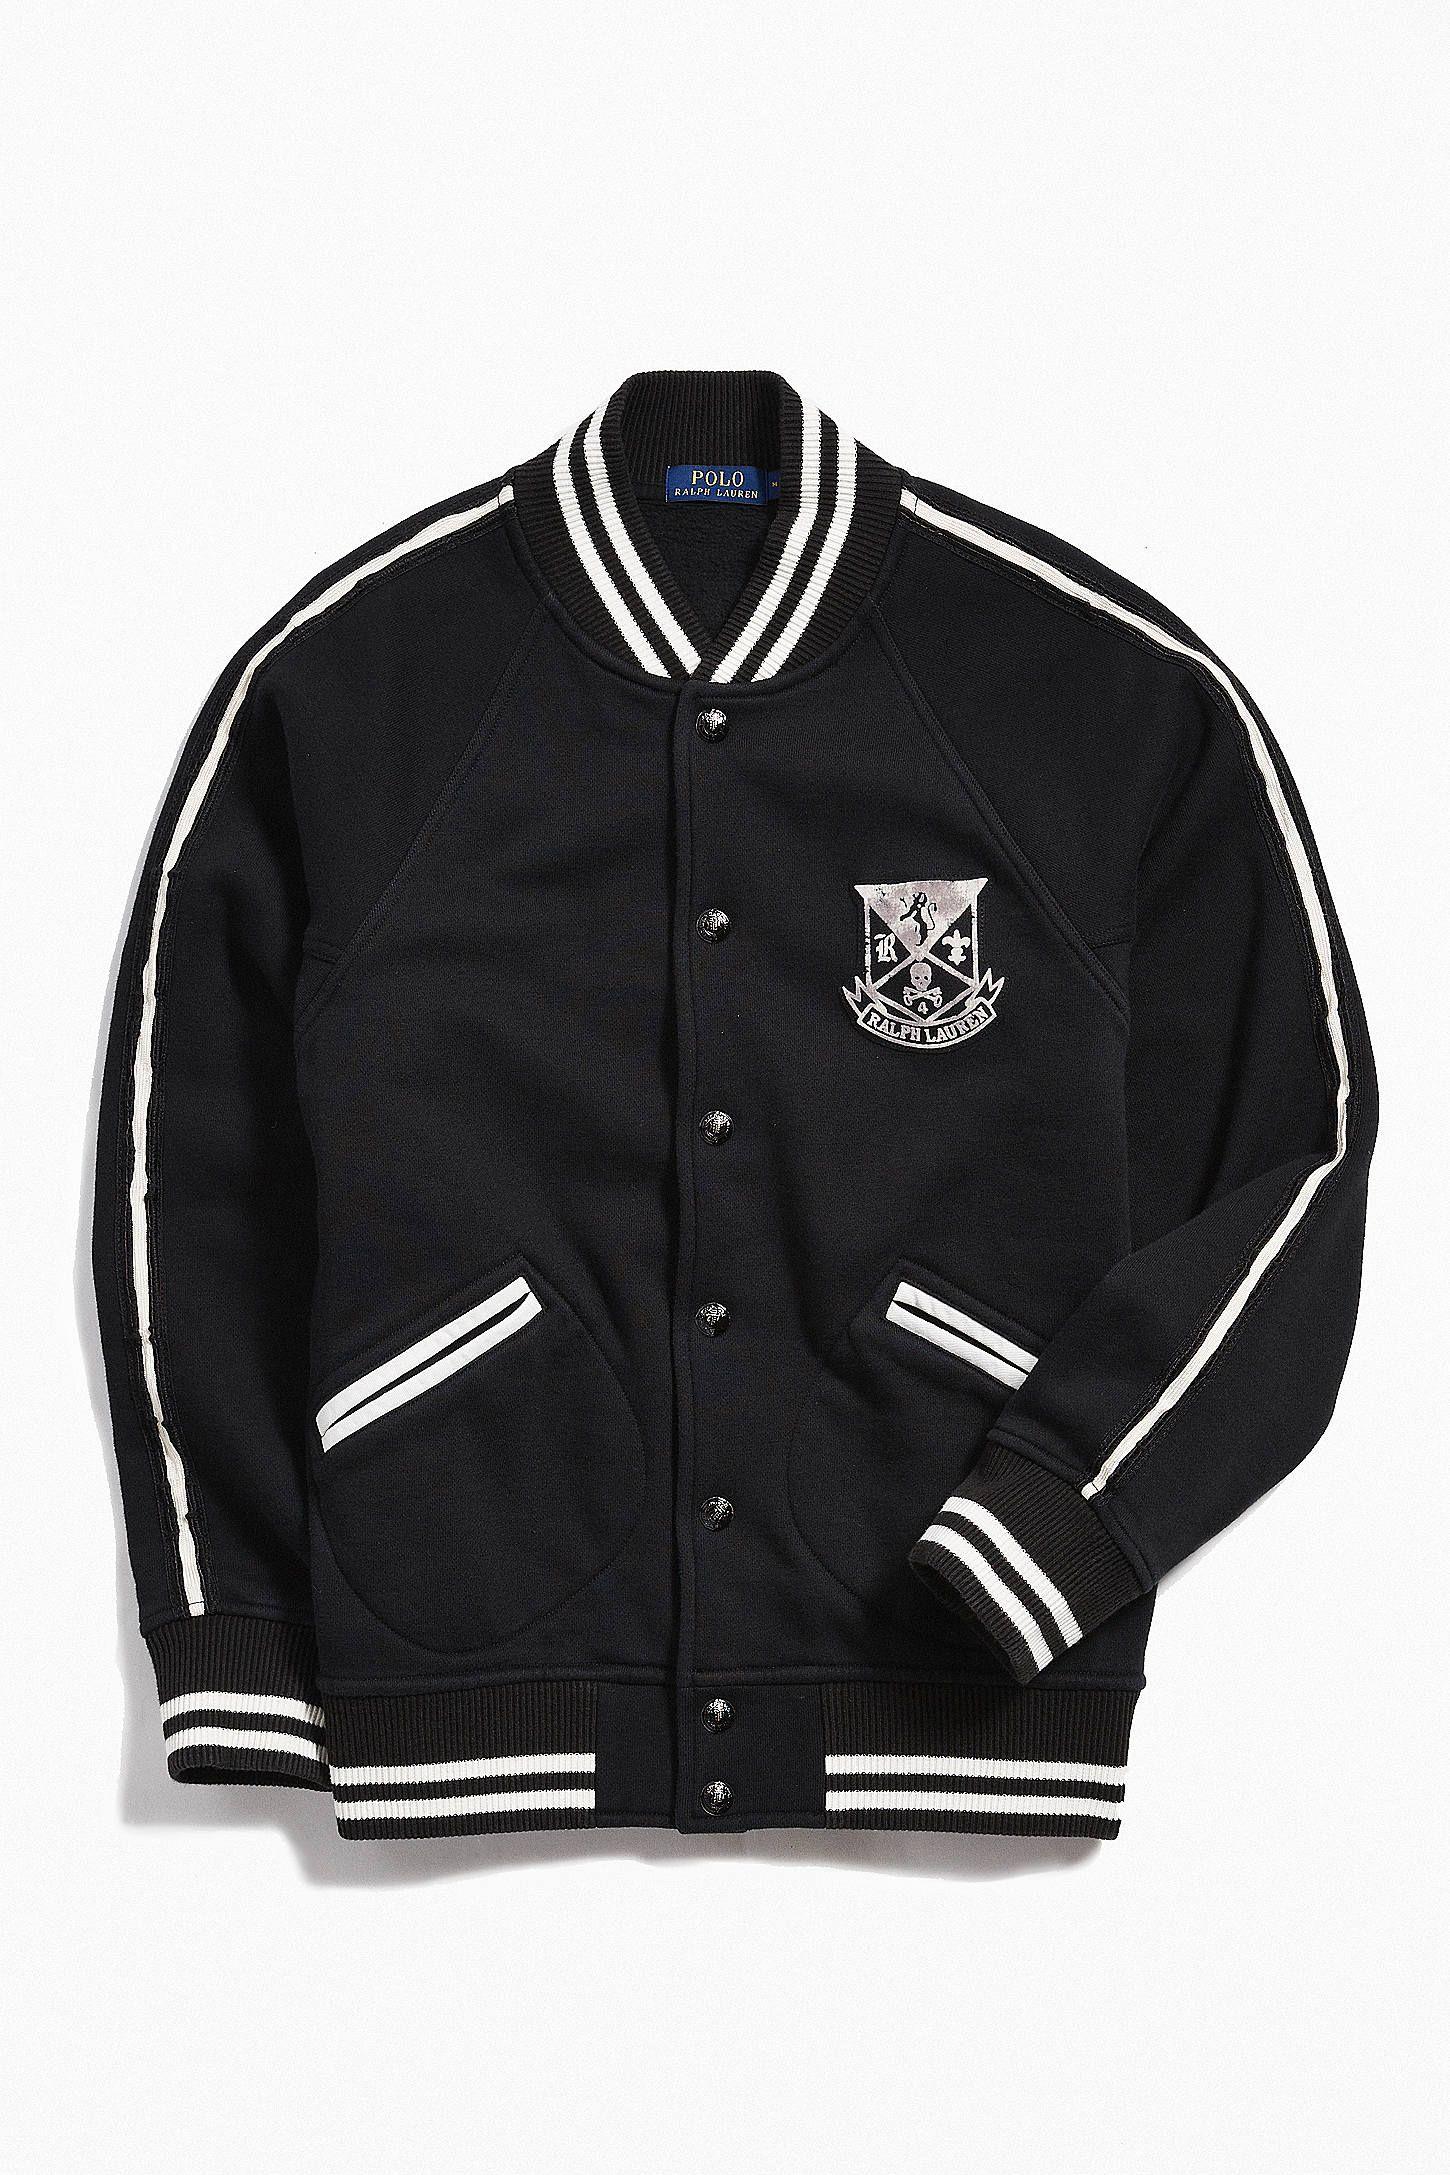 Polo Ralph Lauren New York Crew Jacket Urban Outfitters Jackets Ralph Lauren New York Mens Jackets [ 2175 x 1450 Pixel ]